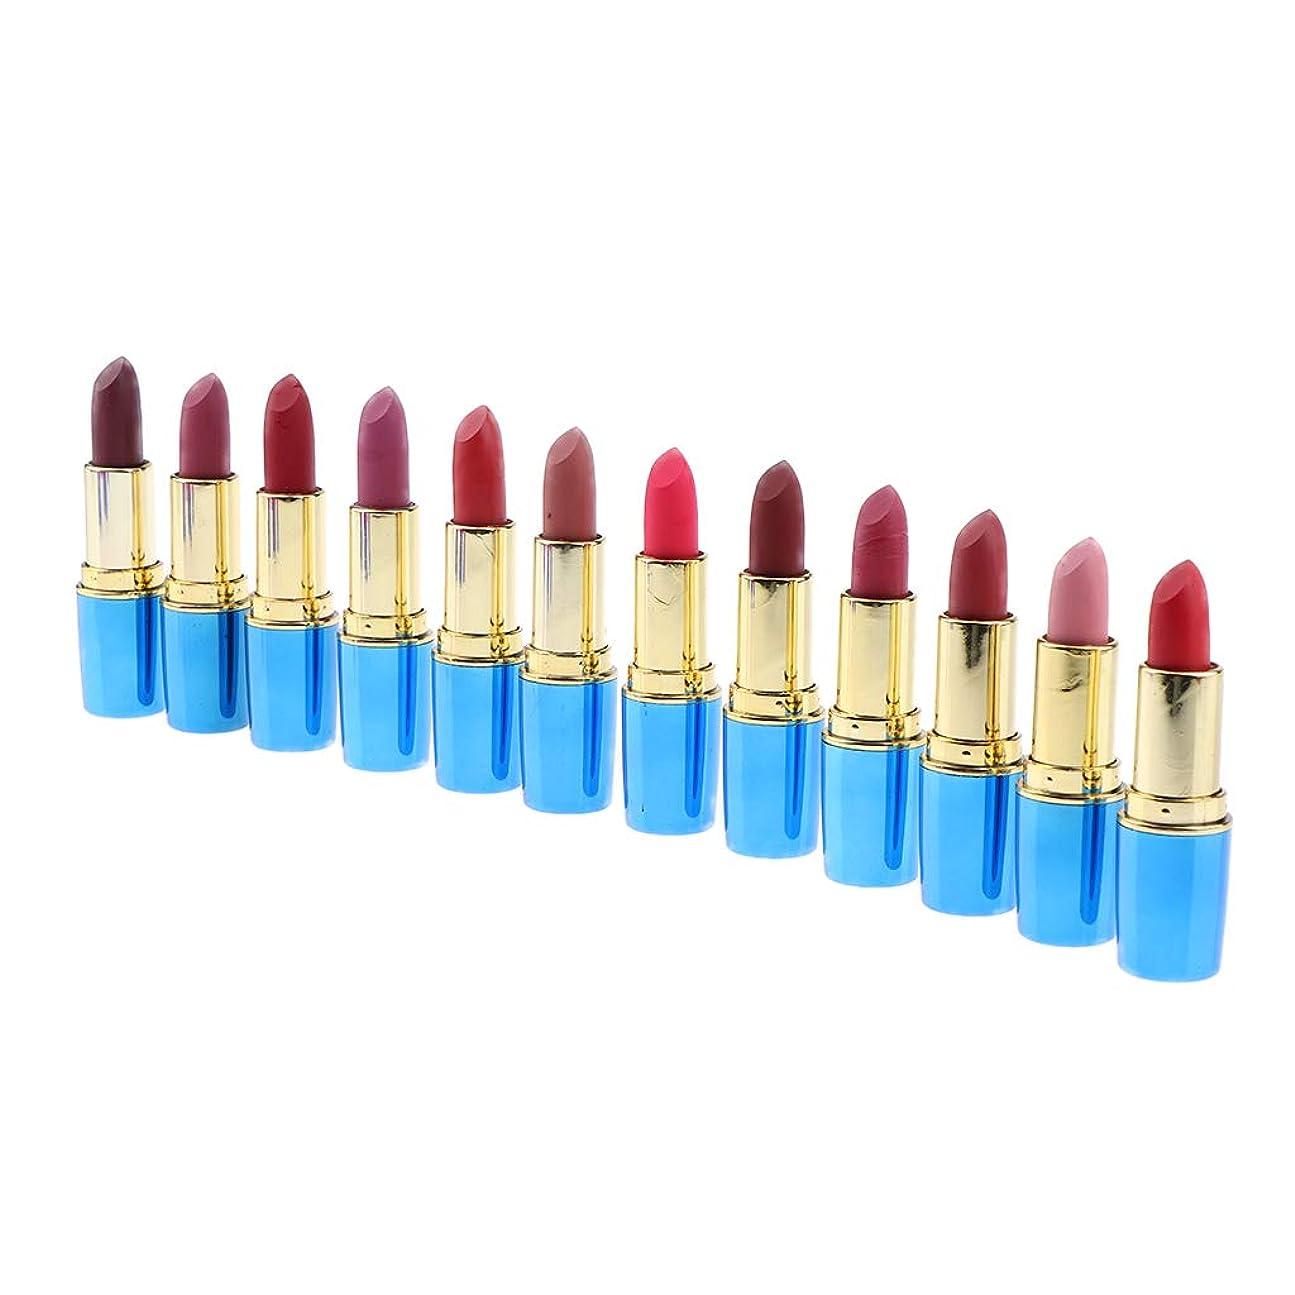 掻くシリンダー大使DYNWAVE リップスティックセット 女の子用 リップスティックセット 全12色